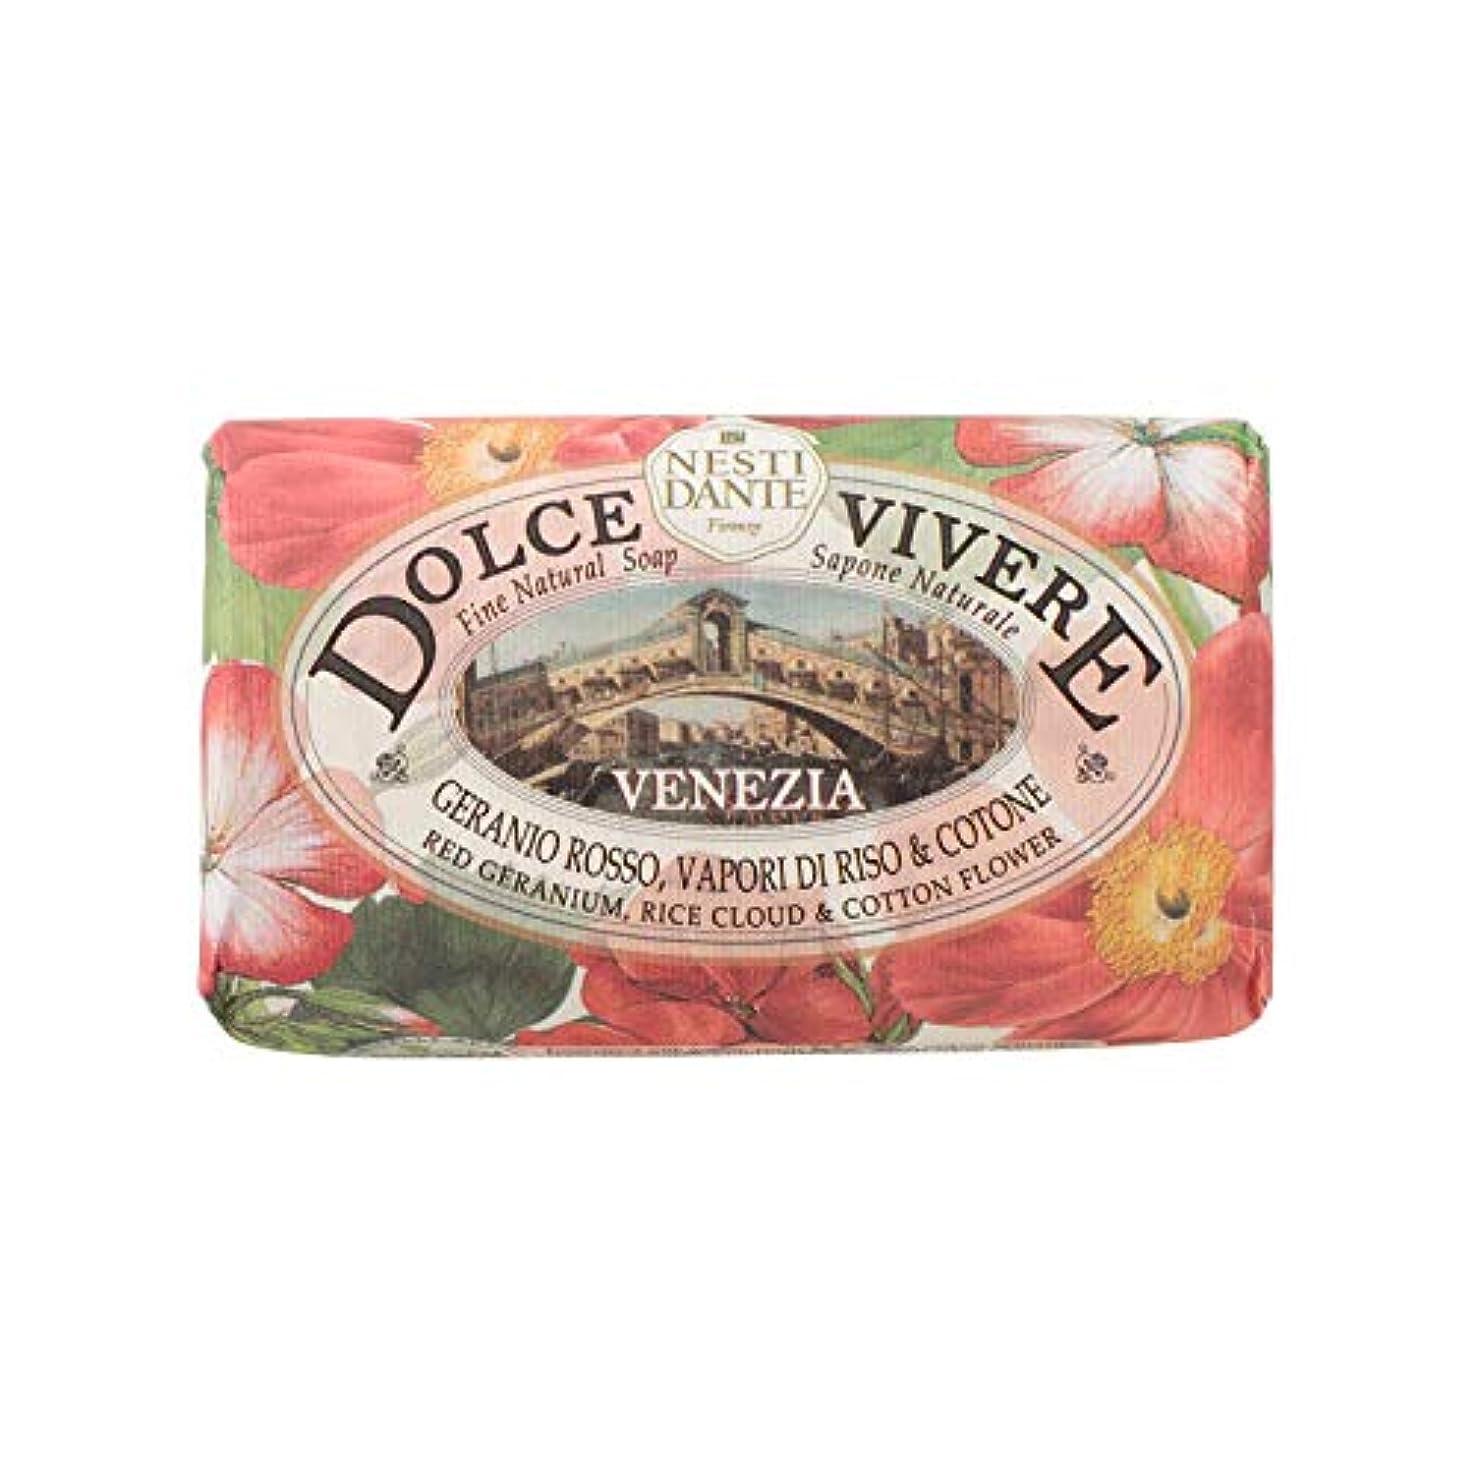 個人的にすべて悪用Nesti Dante ネスティダンテ ドルチェヴィーベレソープ ヴェネツィア 250g